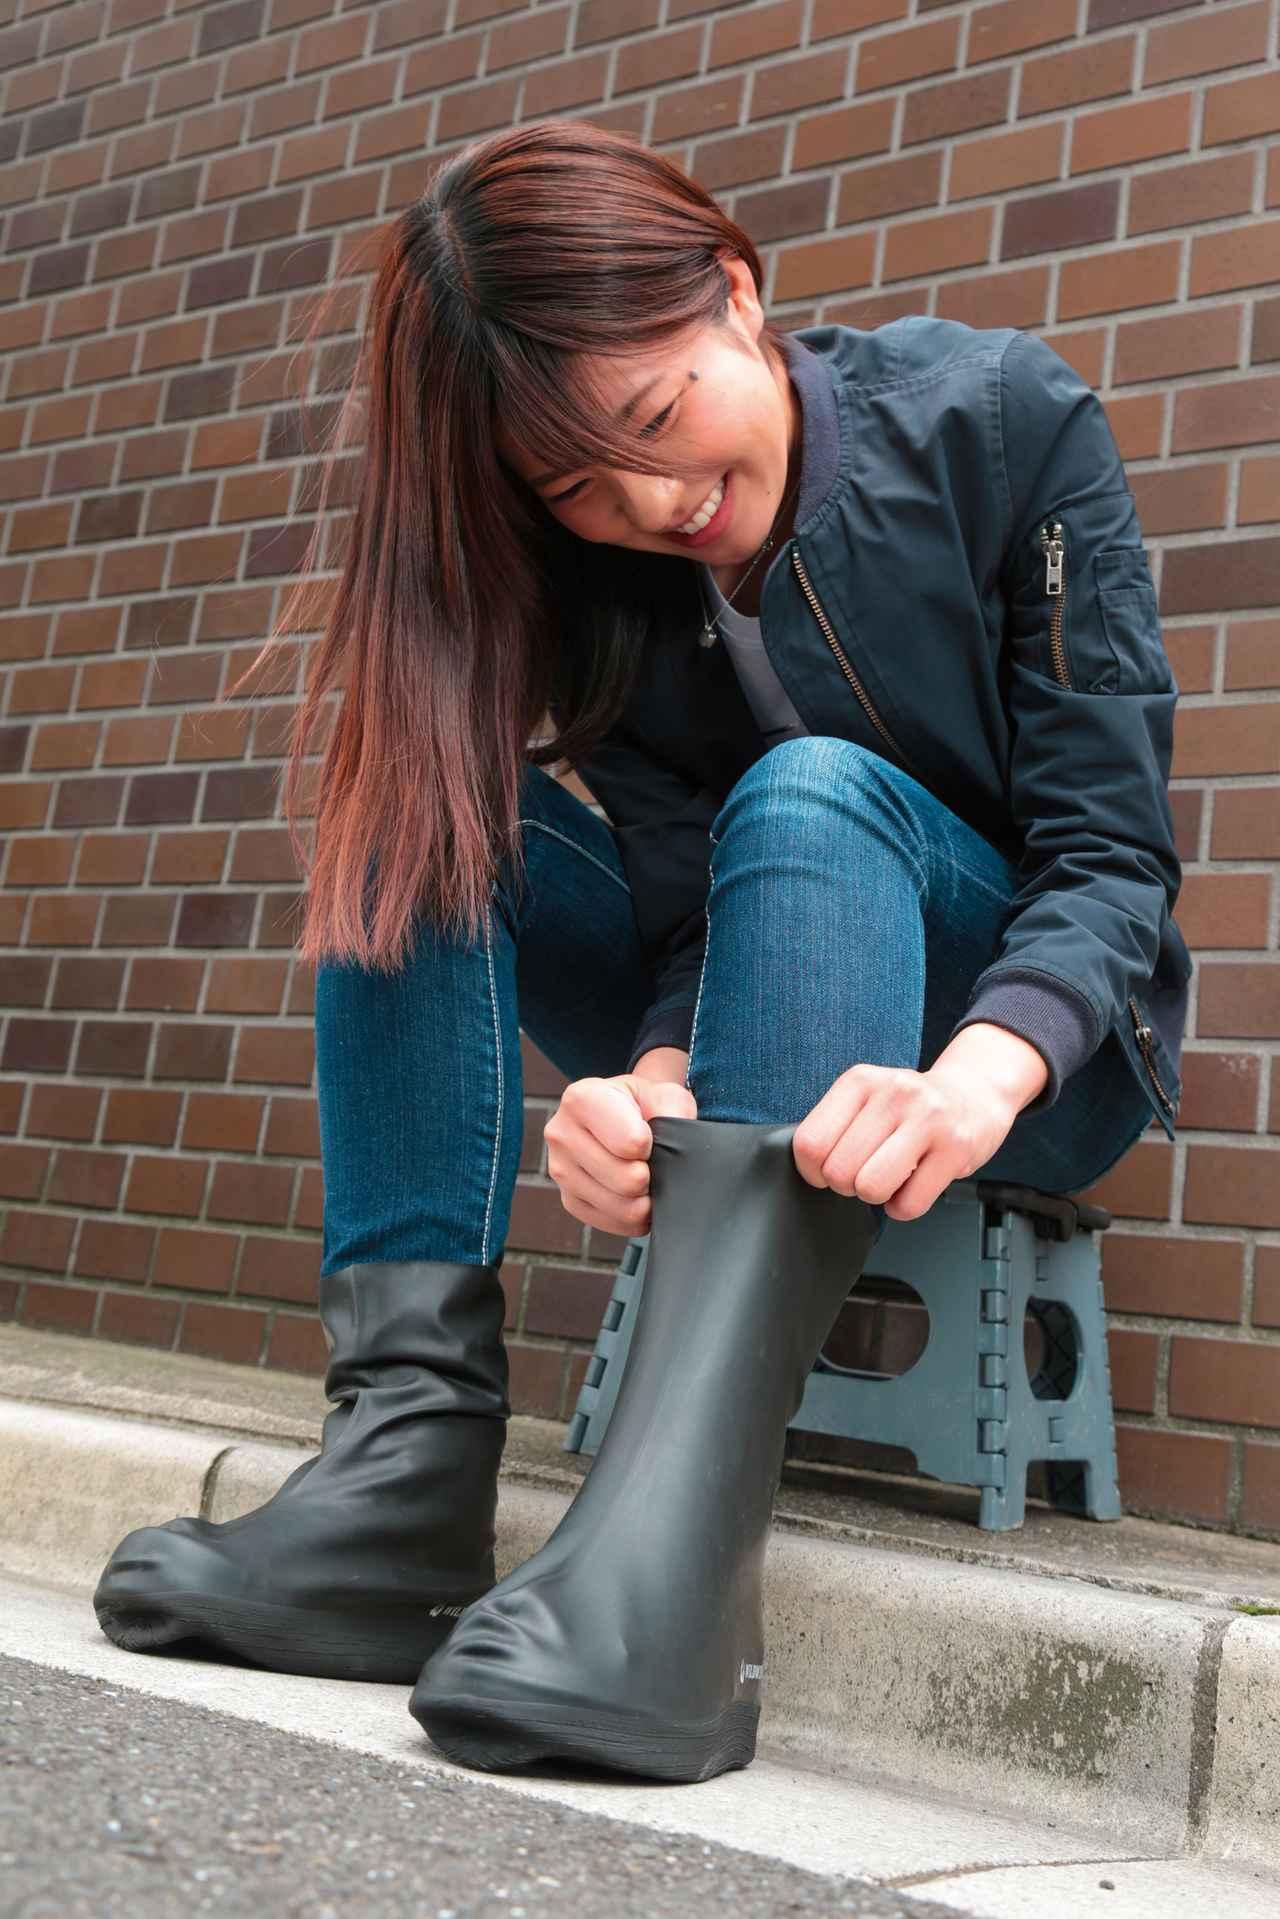 画像: シューズやブーツの上に重ね履きするタイプ。伸縮性が高いのでピッタリとフィットしてペダル操作を妨げず、ゴワ付き感もない。サイズはS、M、Lの3種類。